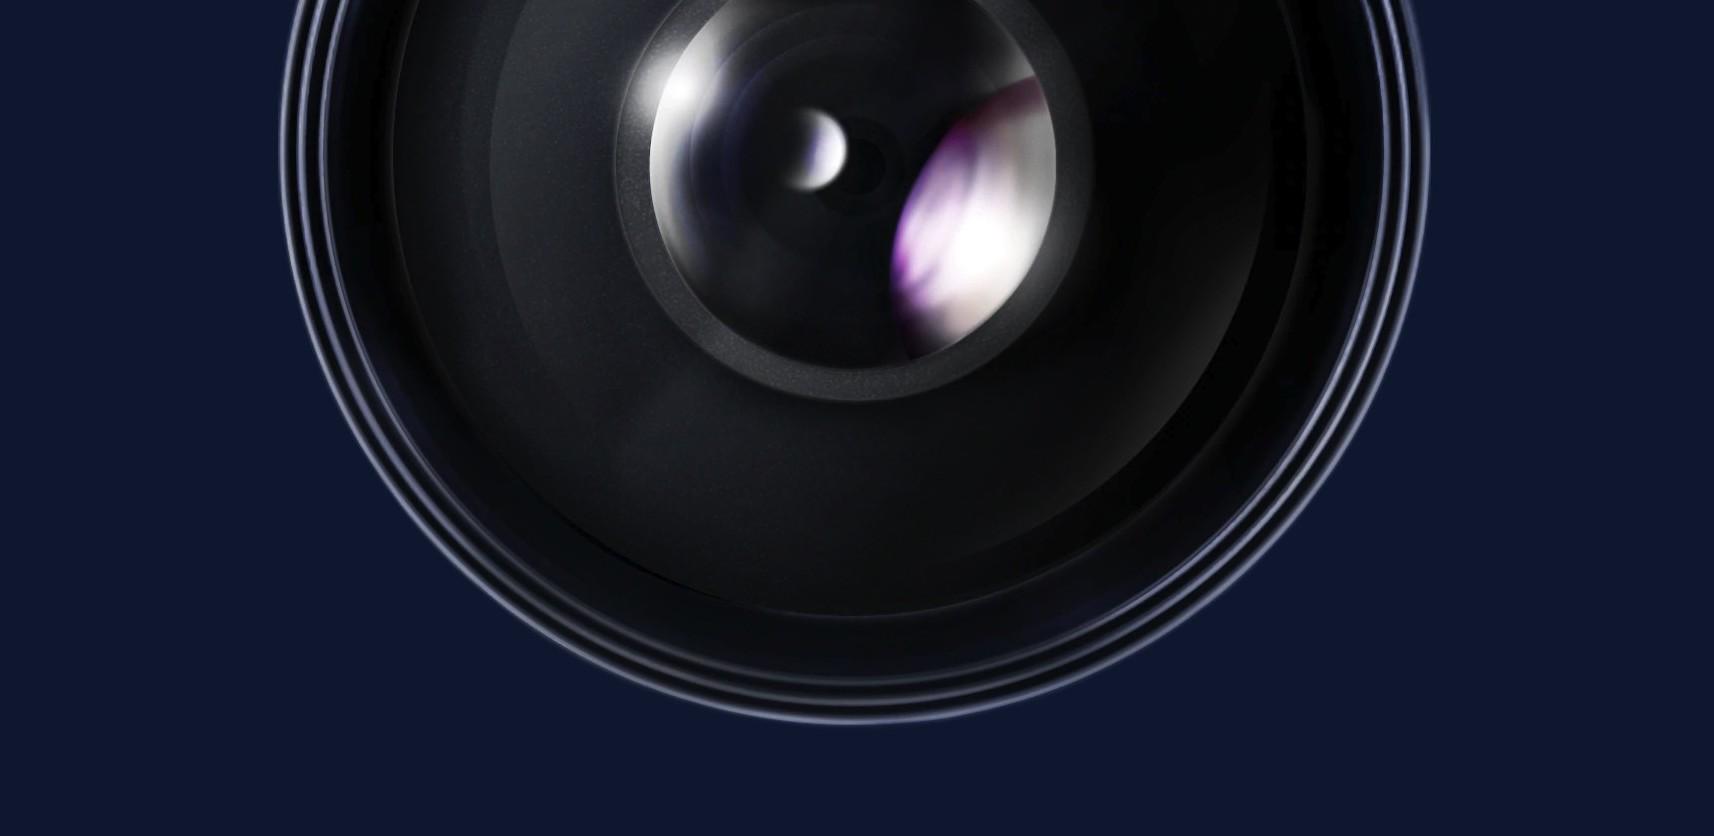 Note-9-camera